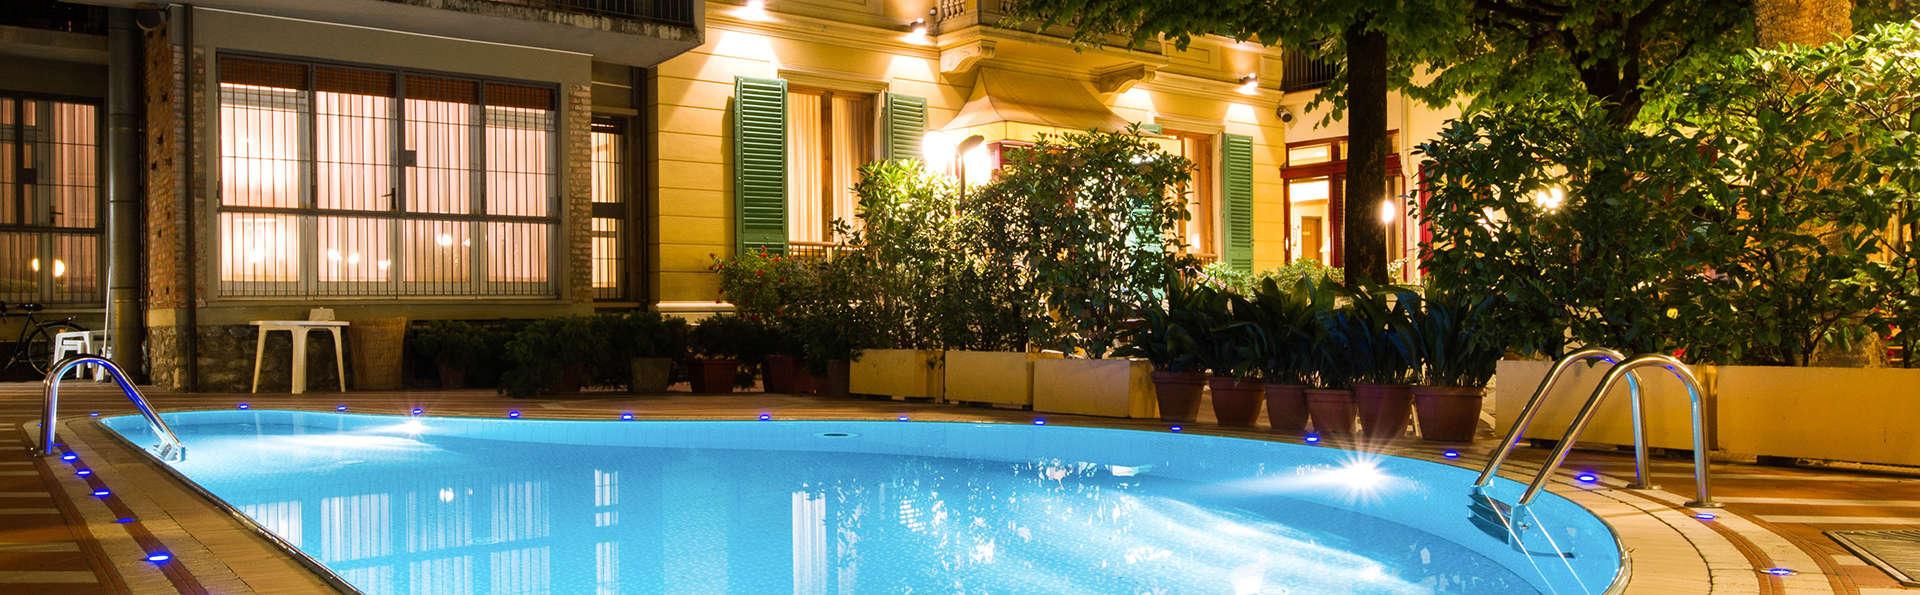 Bien-être dans un hôtel avec piscine et jacuzzi au cœur de Montecani Terme (non remboursable)